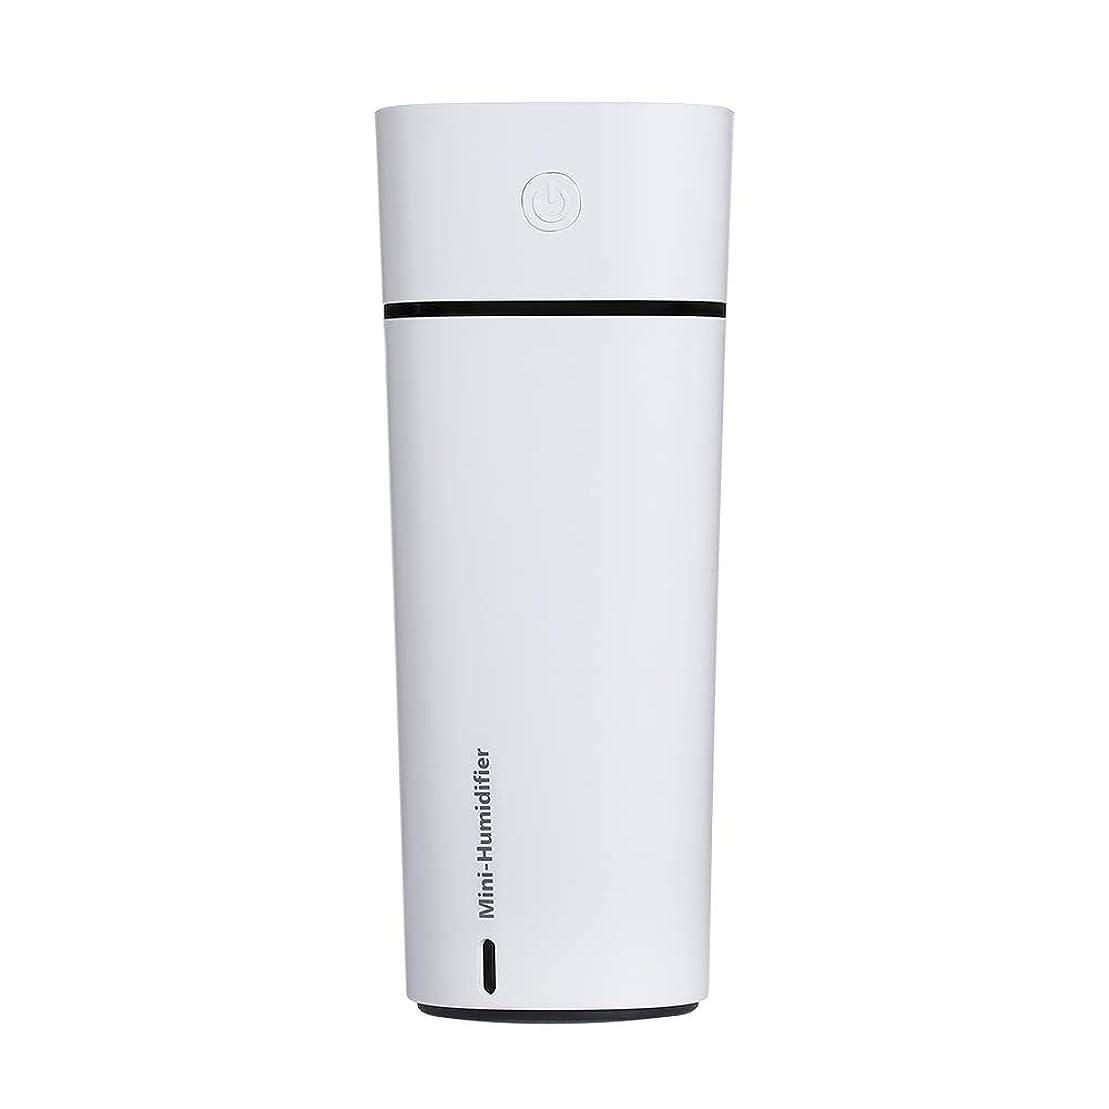 キャラクターリッチ麻痺Dayman 3 in 1 USBポータブル空気加湿器クーラー、ミニファン、空気清浄機のリフレッシュ、自然な美しさのために水分補給、ノイズフリーのアンチドライテクノロジーデスク加湿器車のトラベルオフィスの寝室のホテル、240ML / LEDライト、屋内&屋外 (白)